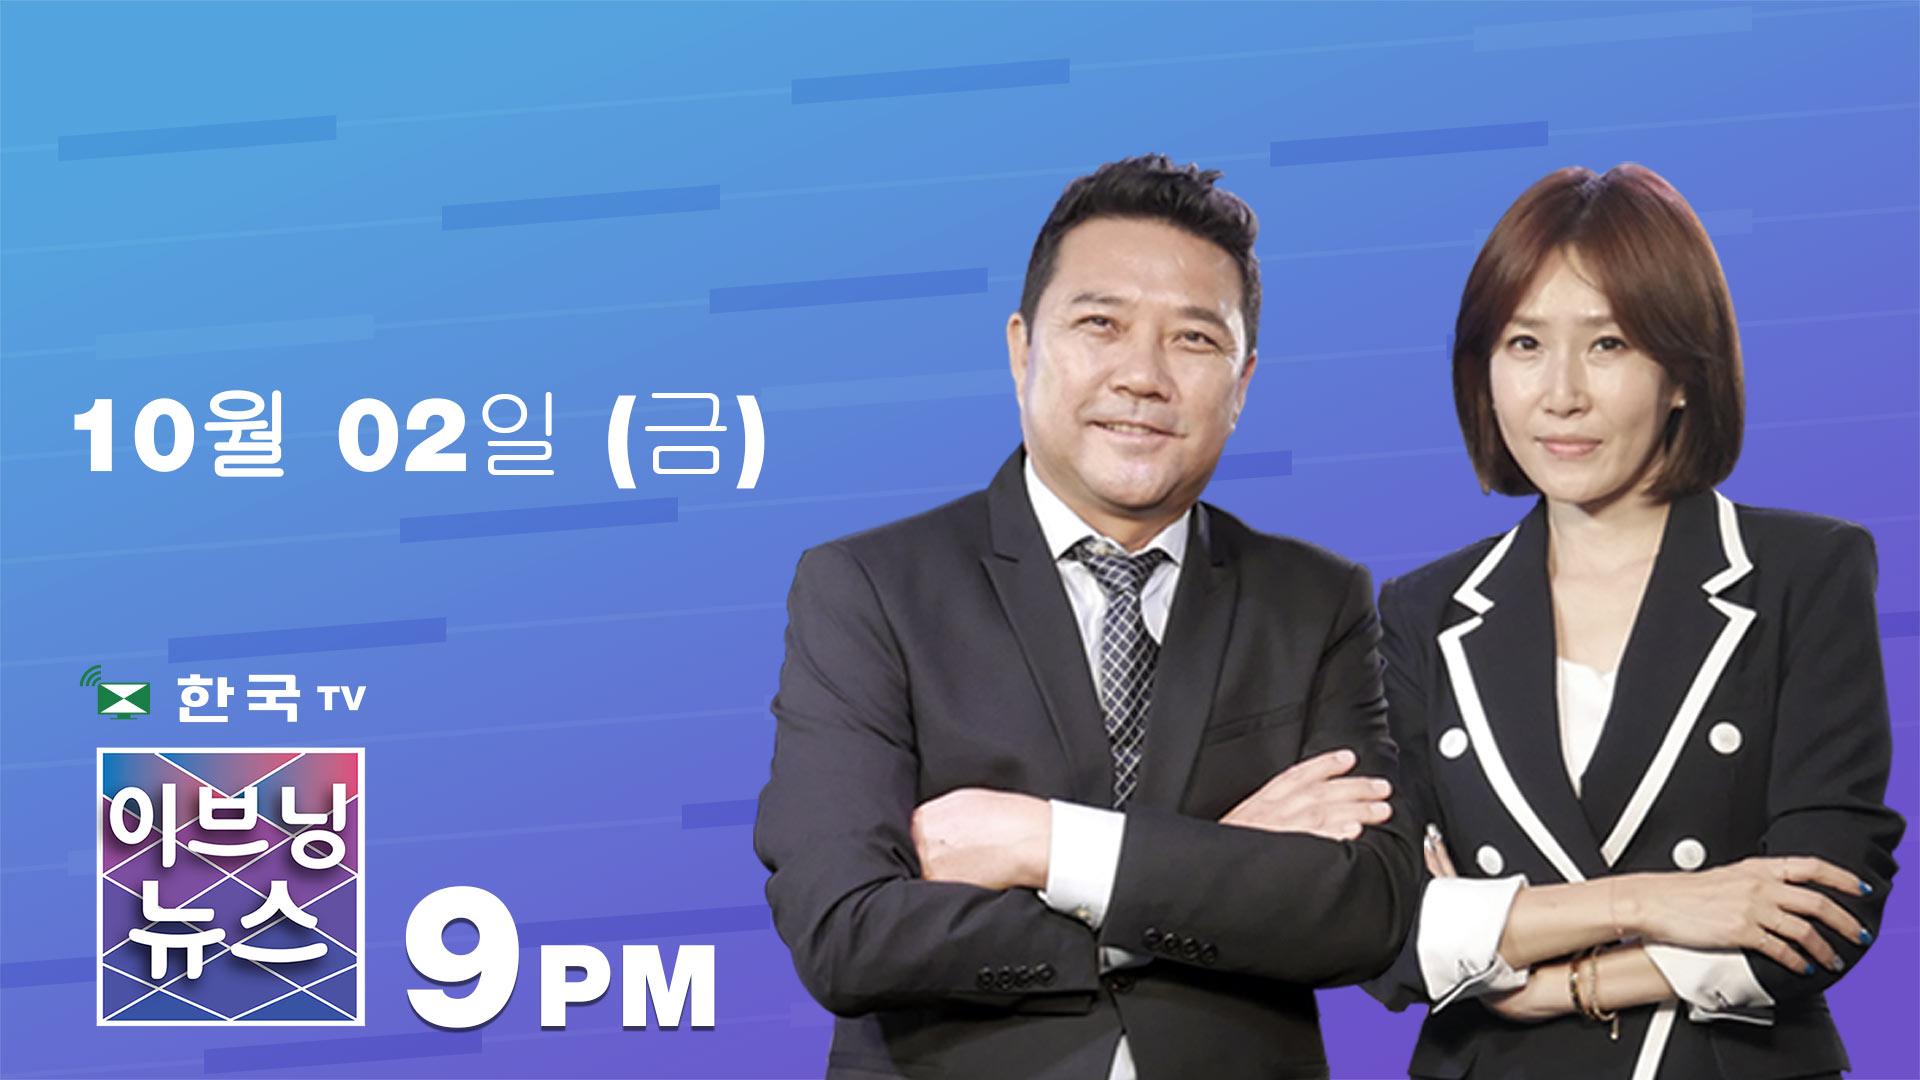 (10.02.2020) 한국TV 이브닝 뉴스